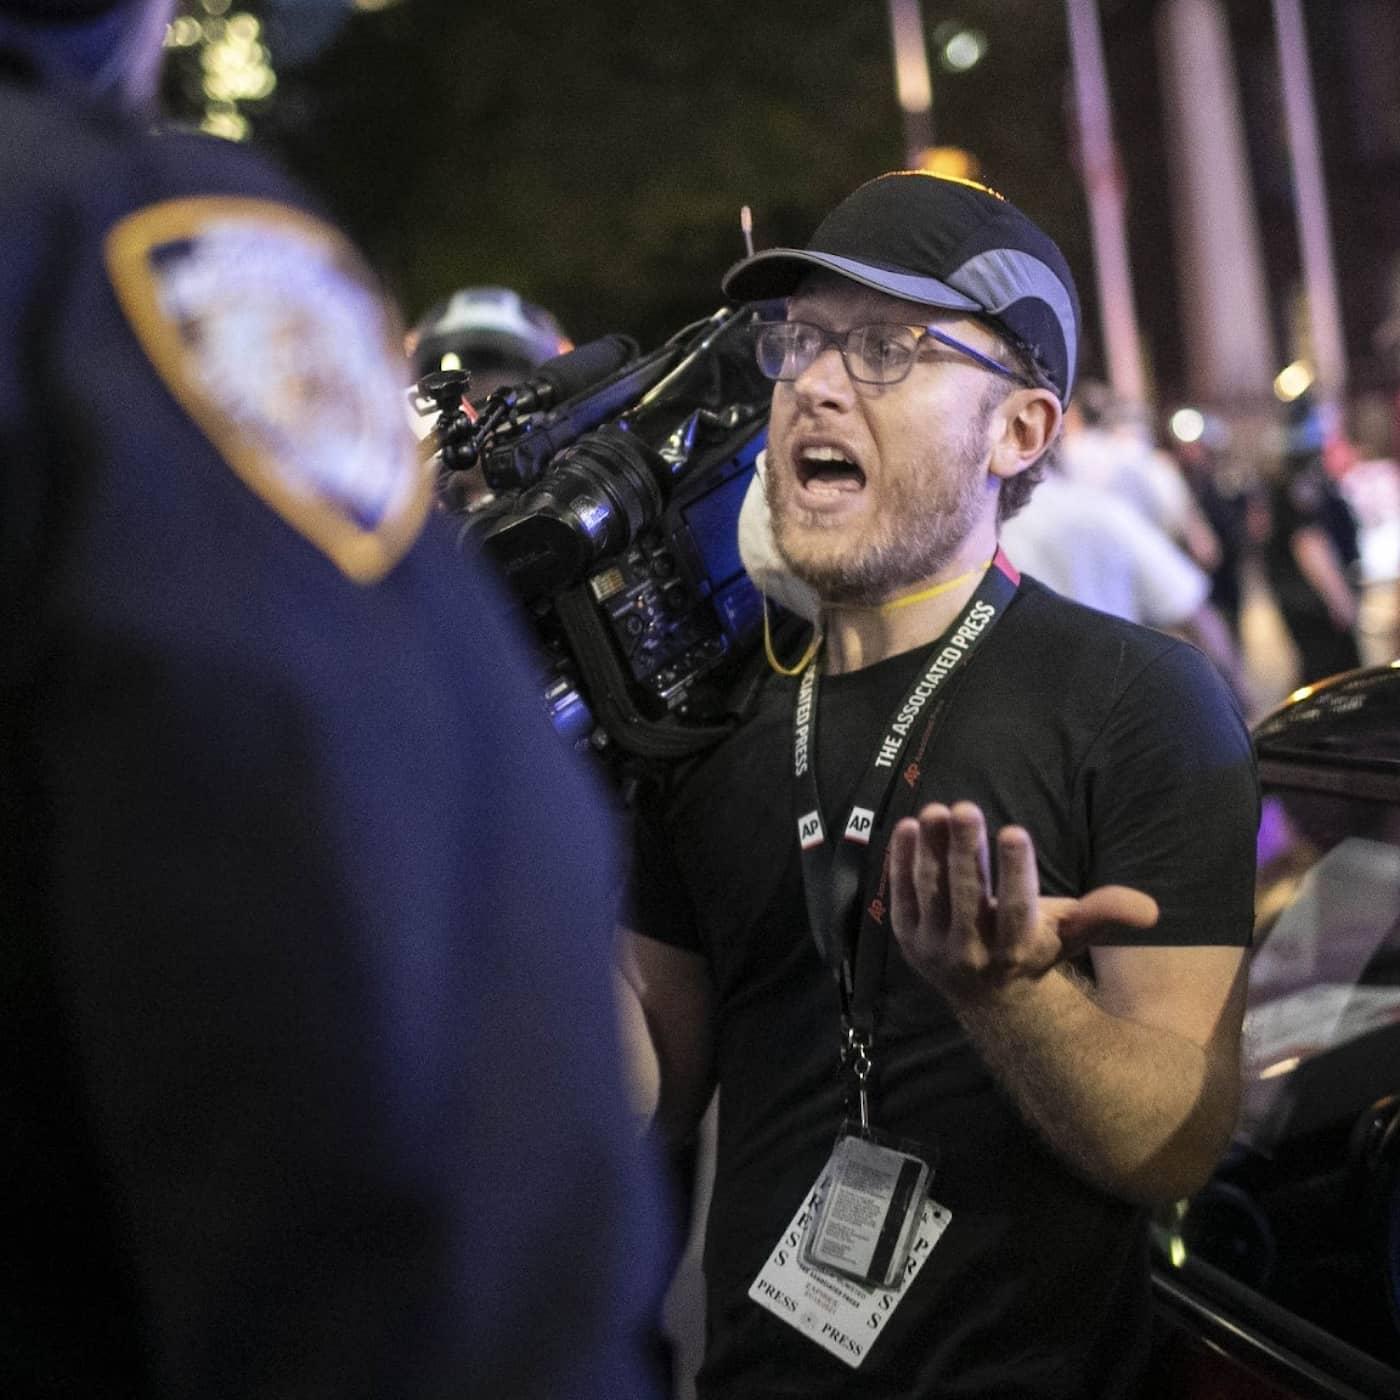 Hårdvinklade Ekot Tegnells självkritik? Journalister måltavlor i USA och svårt för utgivare tackla bluffannonser